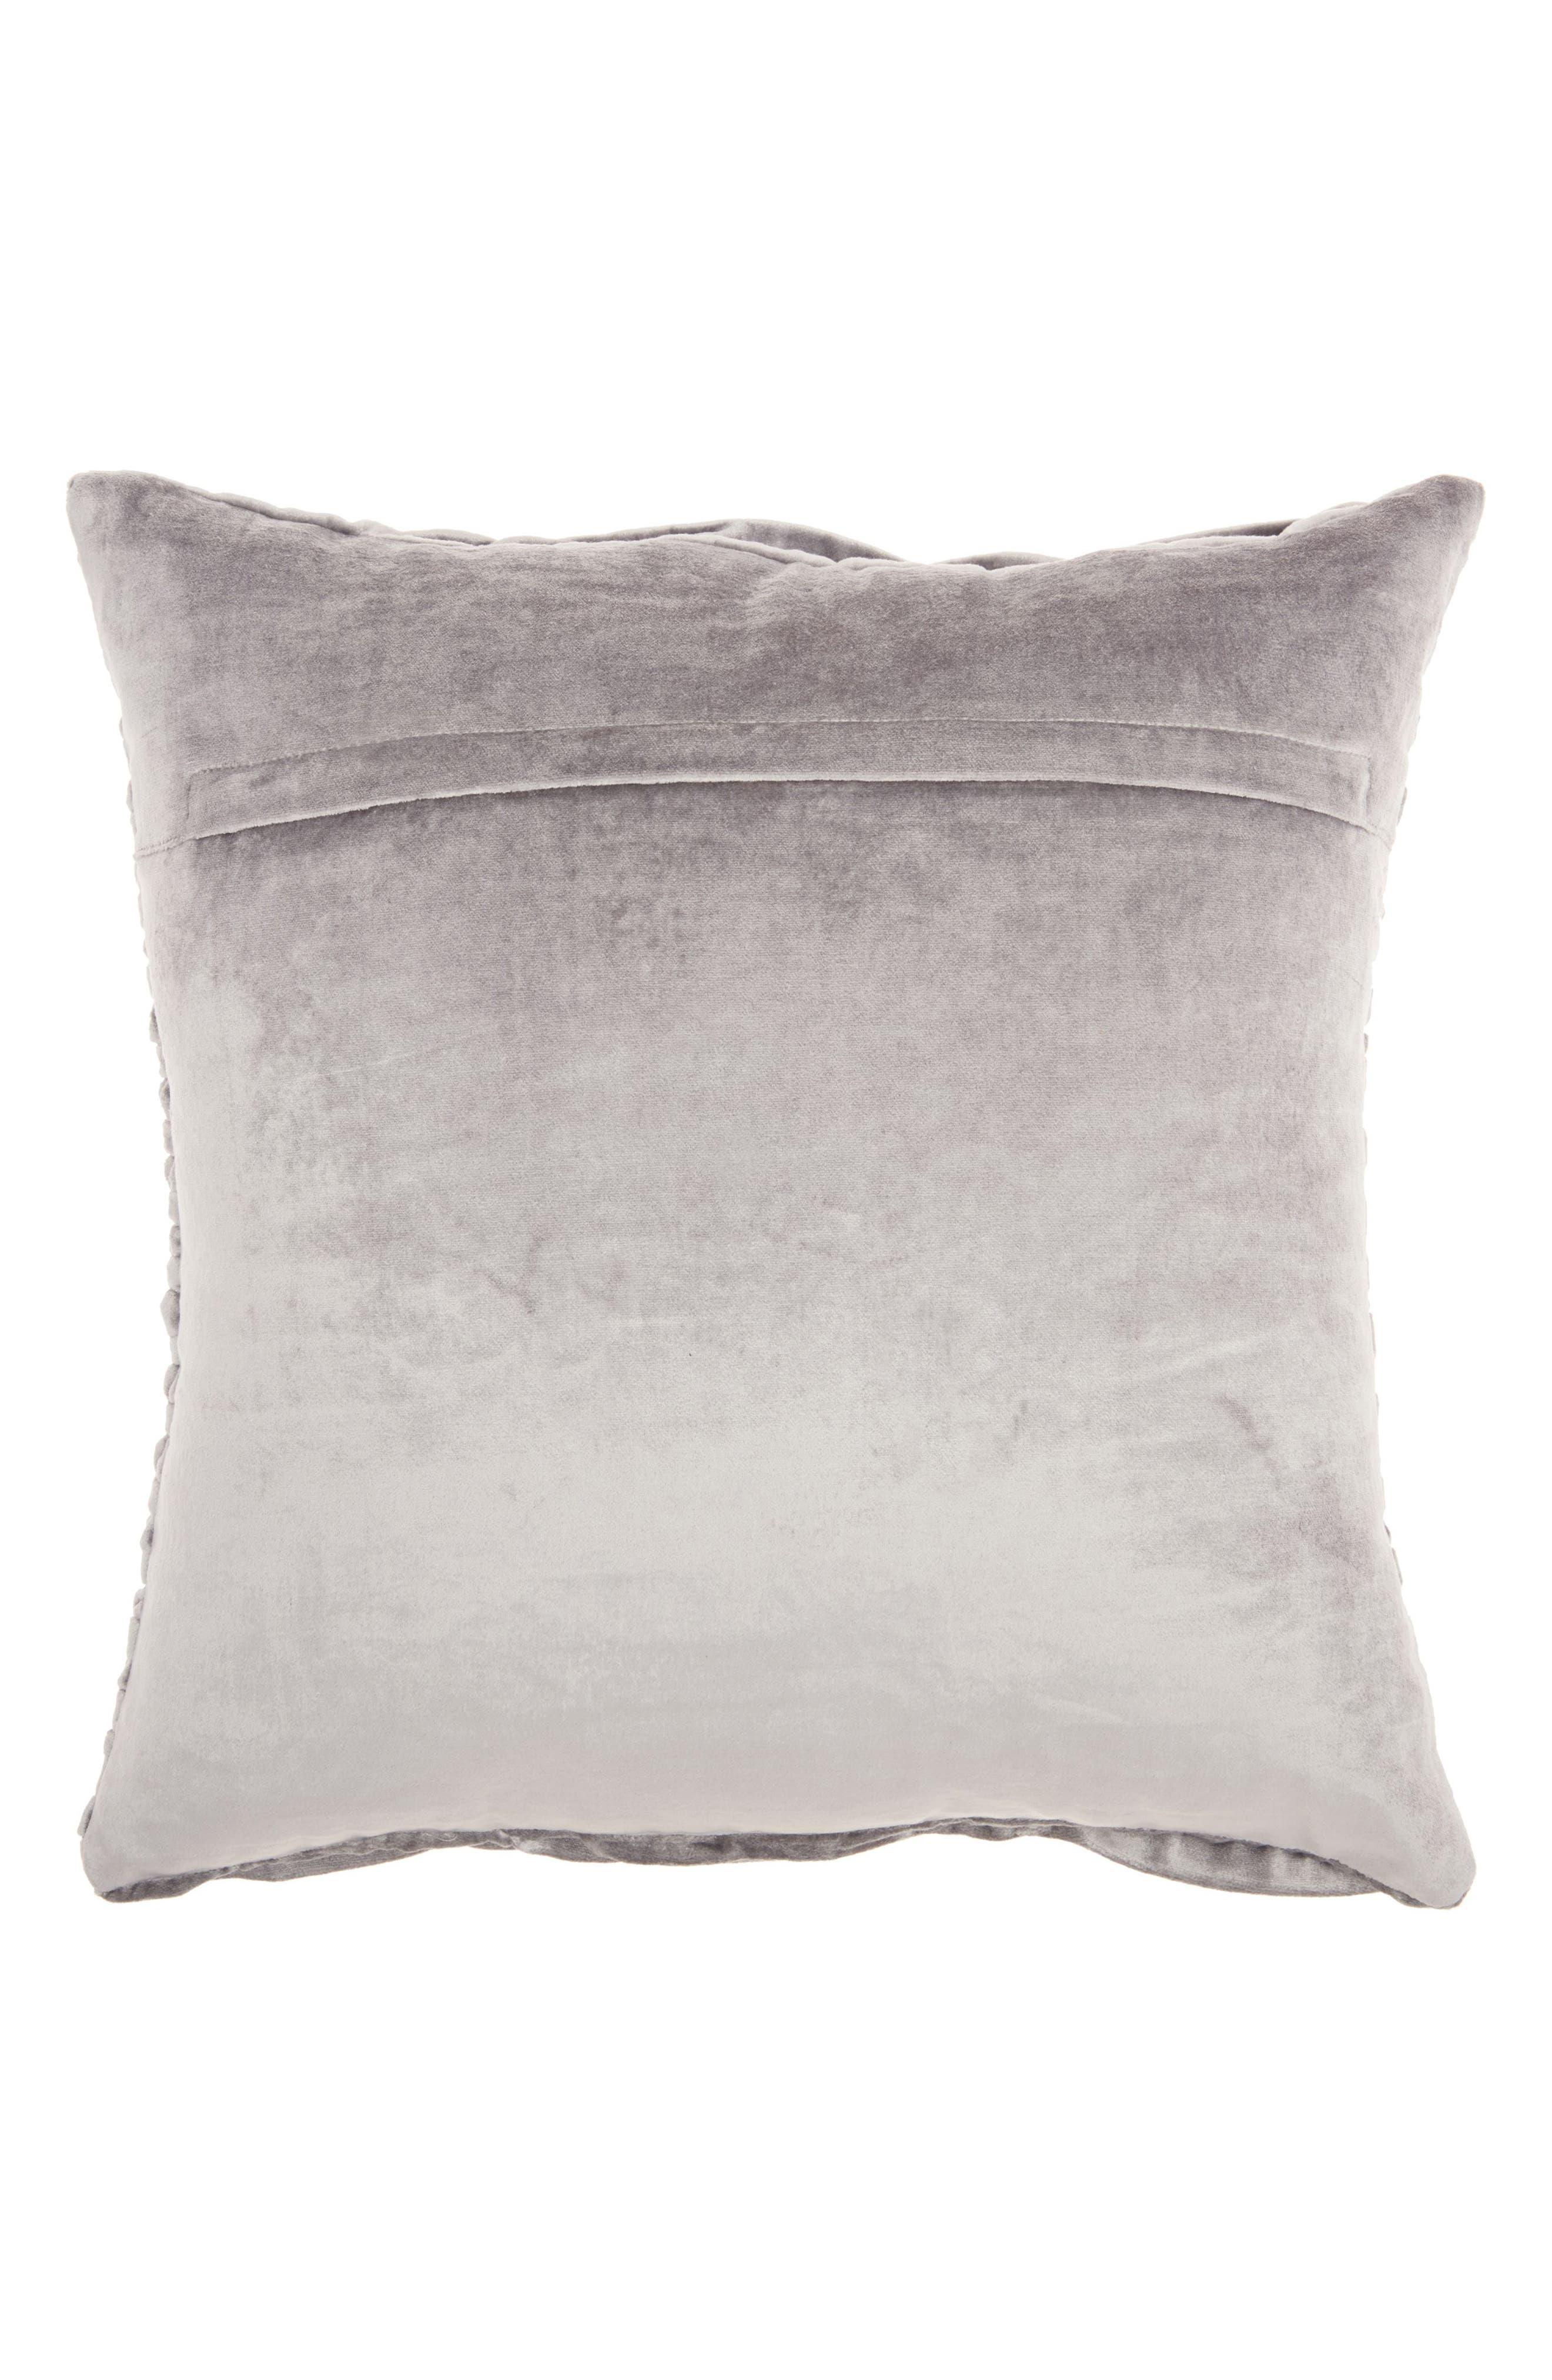 Pleated Velvet Accent Pillow,                             Alternate thumbnail 2, color,                             020